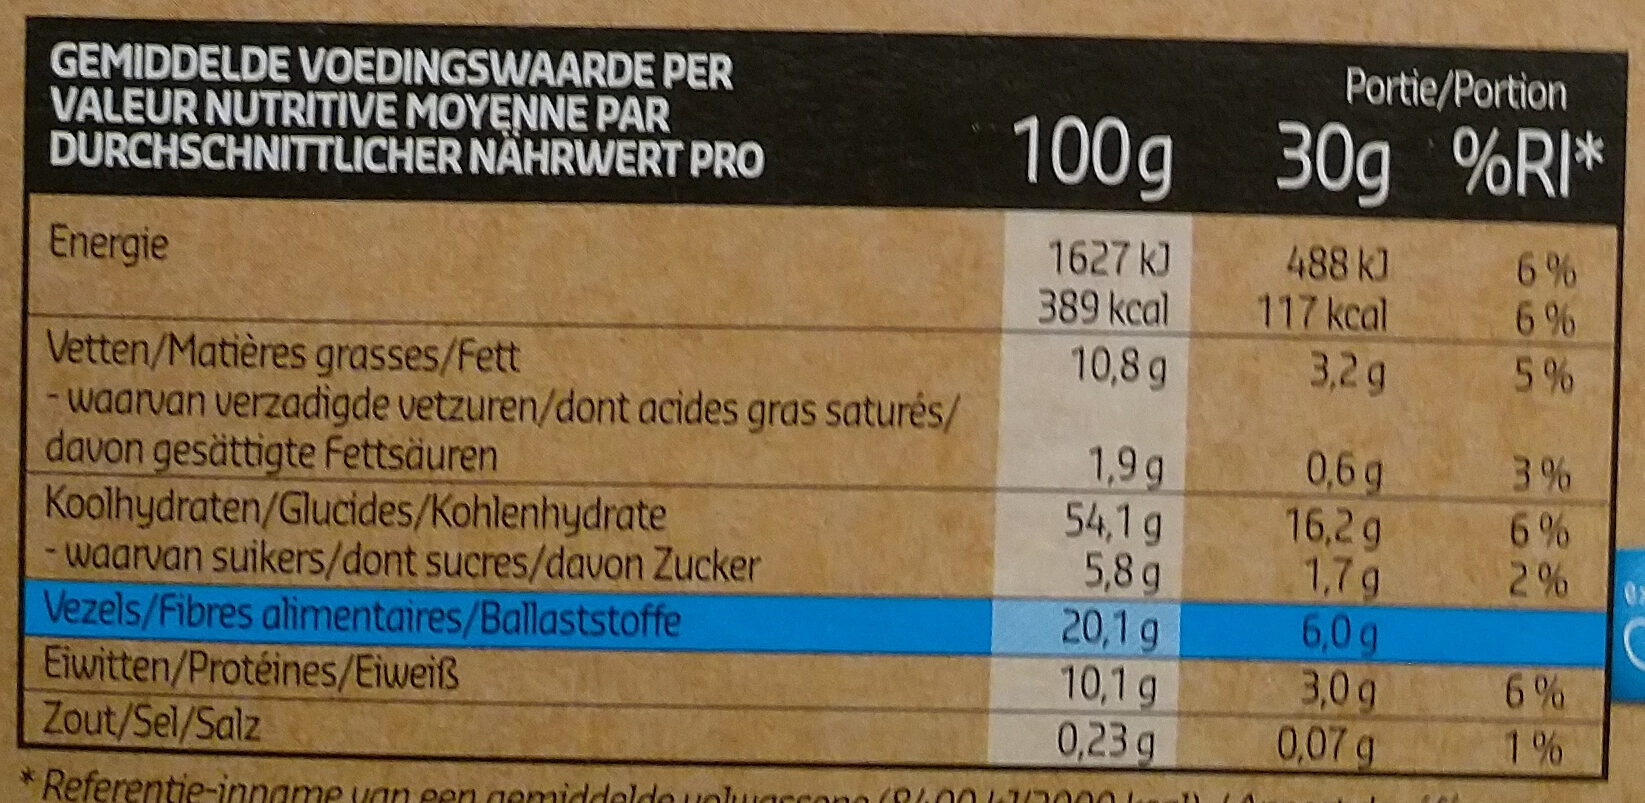 Crunchy muesli - Voedingswaarden - fr